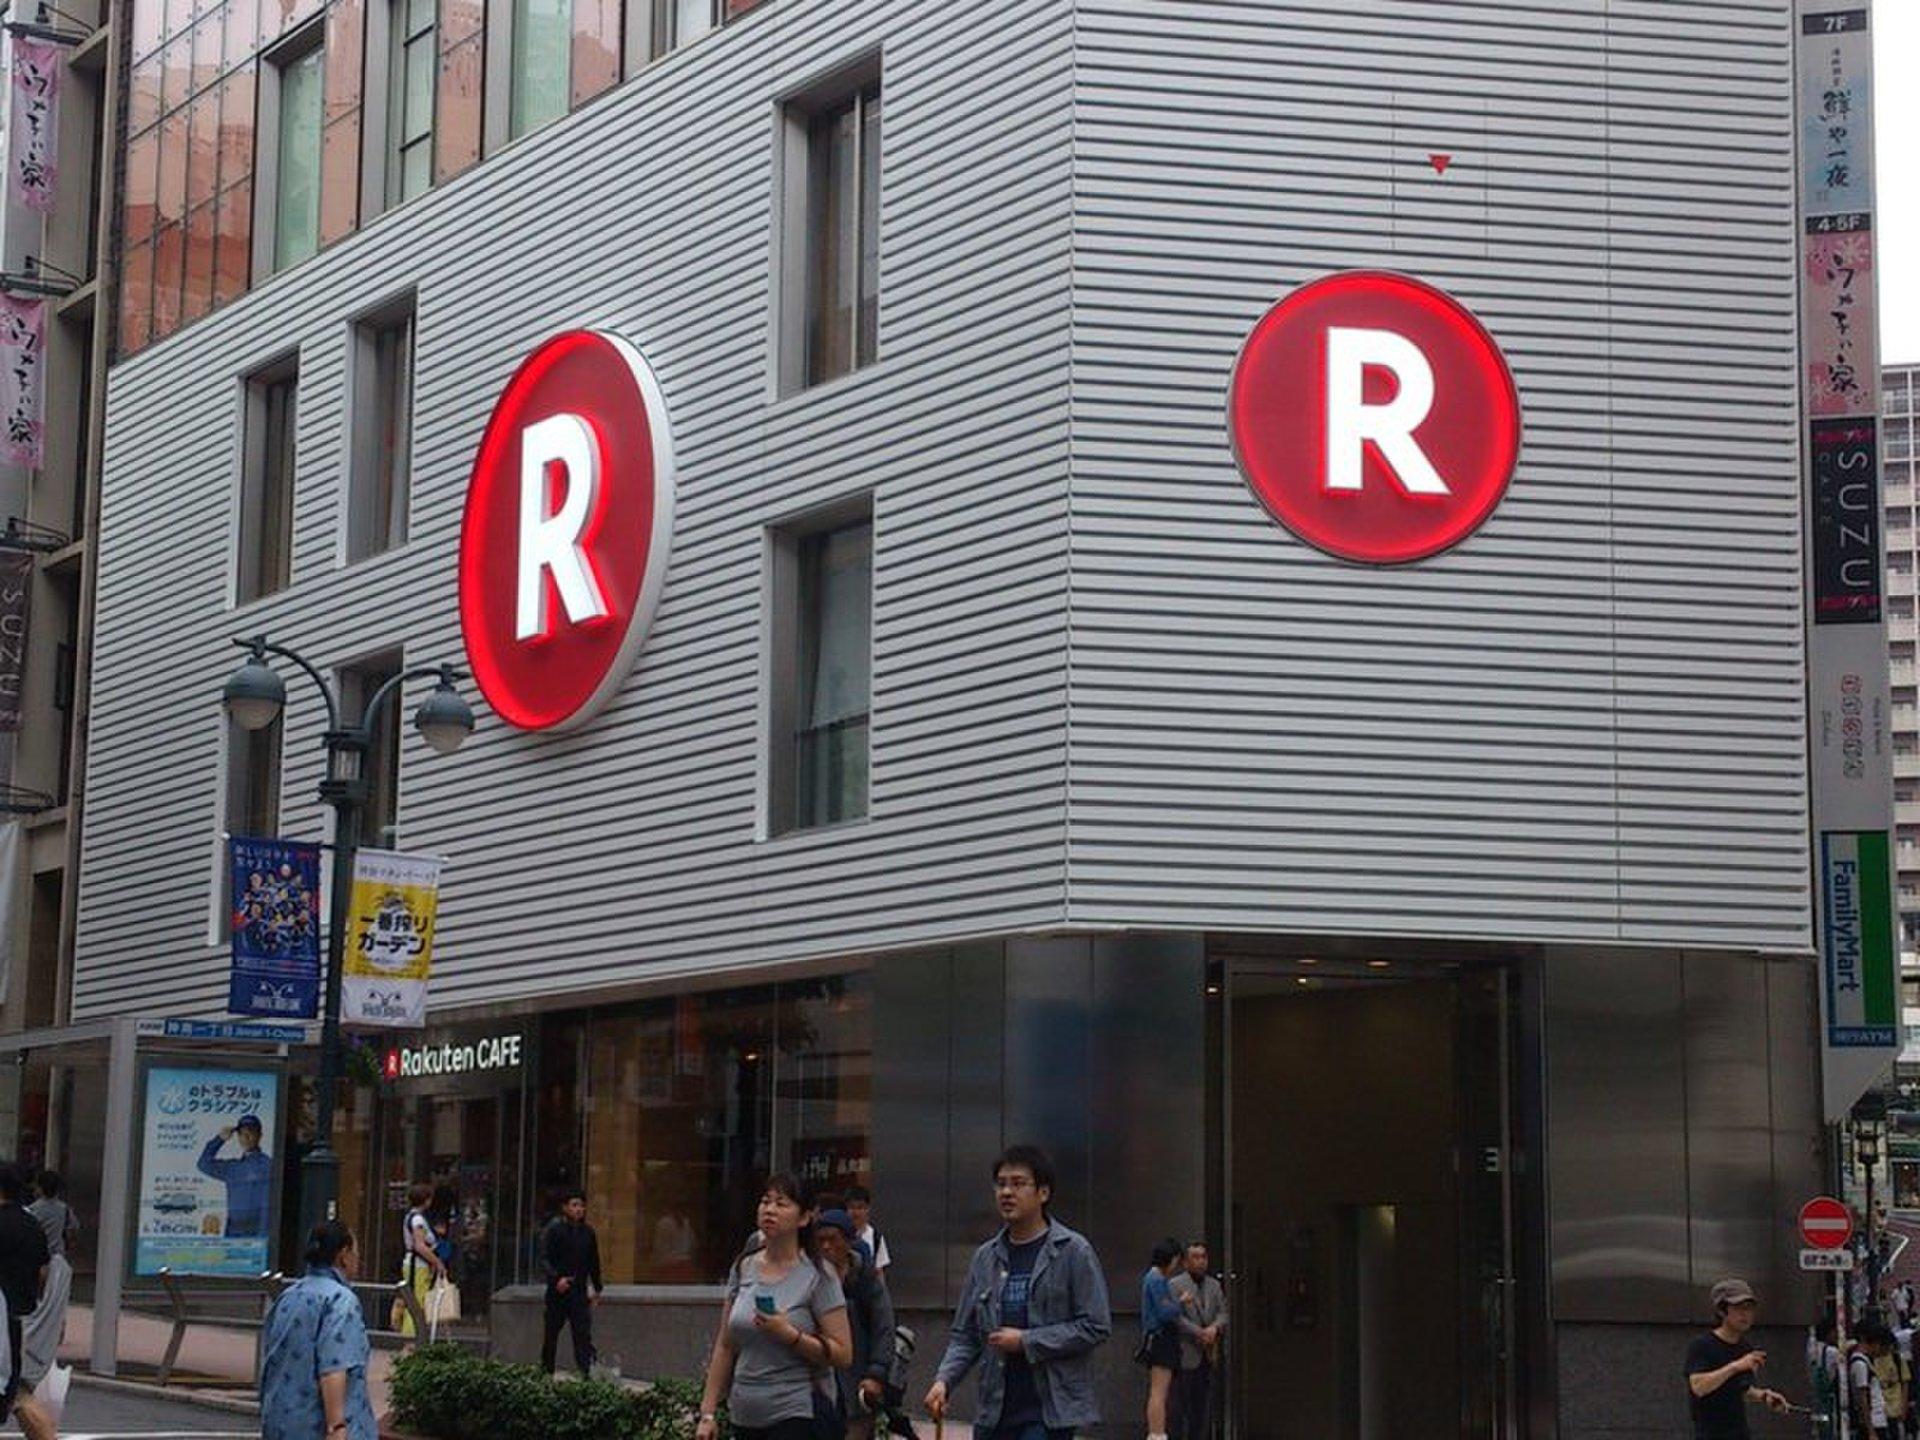 【永久保存版】渋谷のWi-Fi / コンセントがあるおすすめカフェ総まとめ